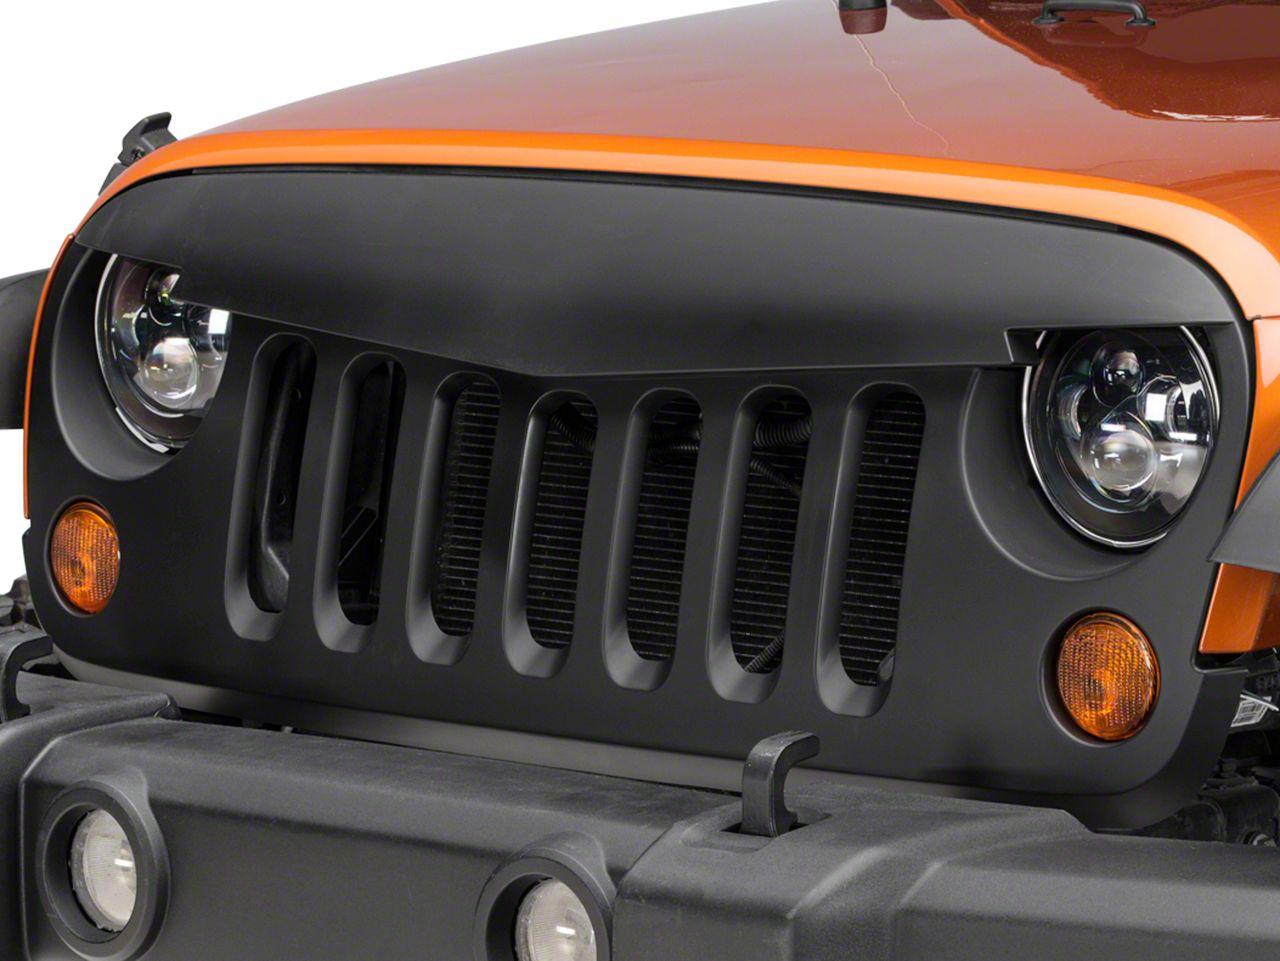 RedRock 4x4 Defender Grille - Matte Black (07-18 Jeep Wrangler JK)